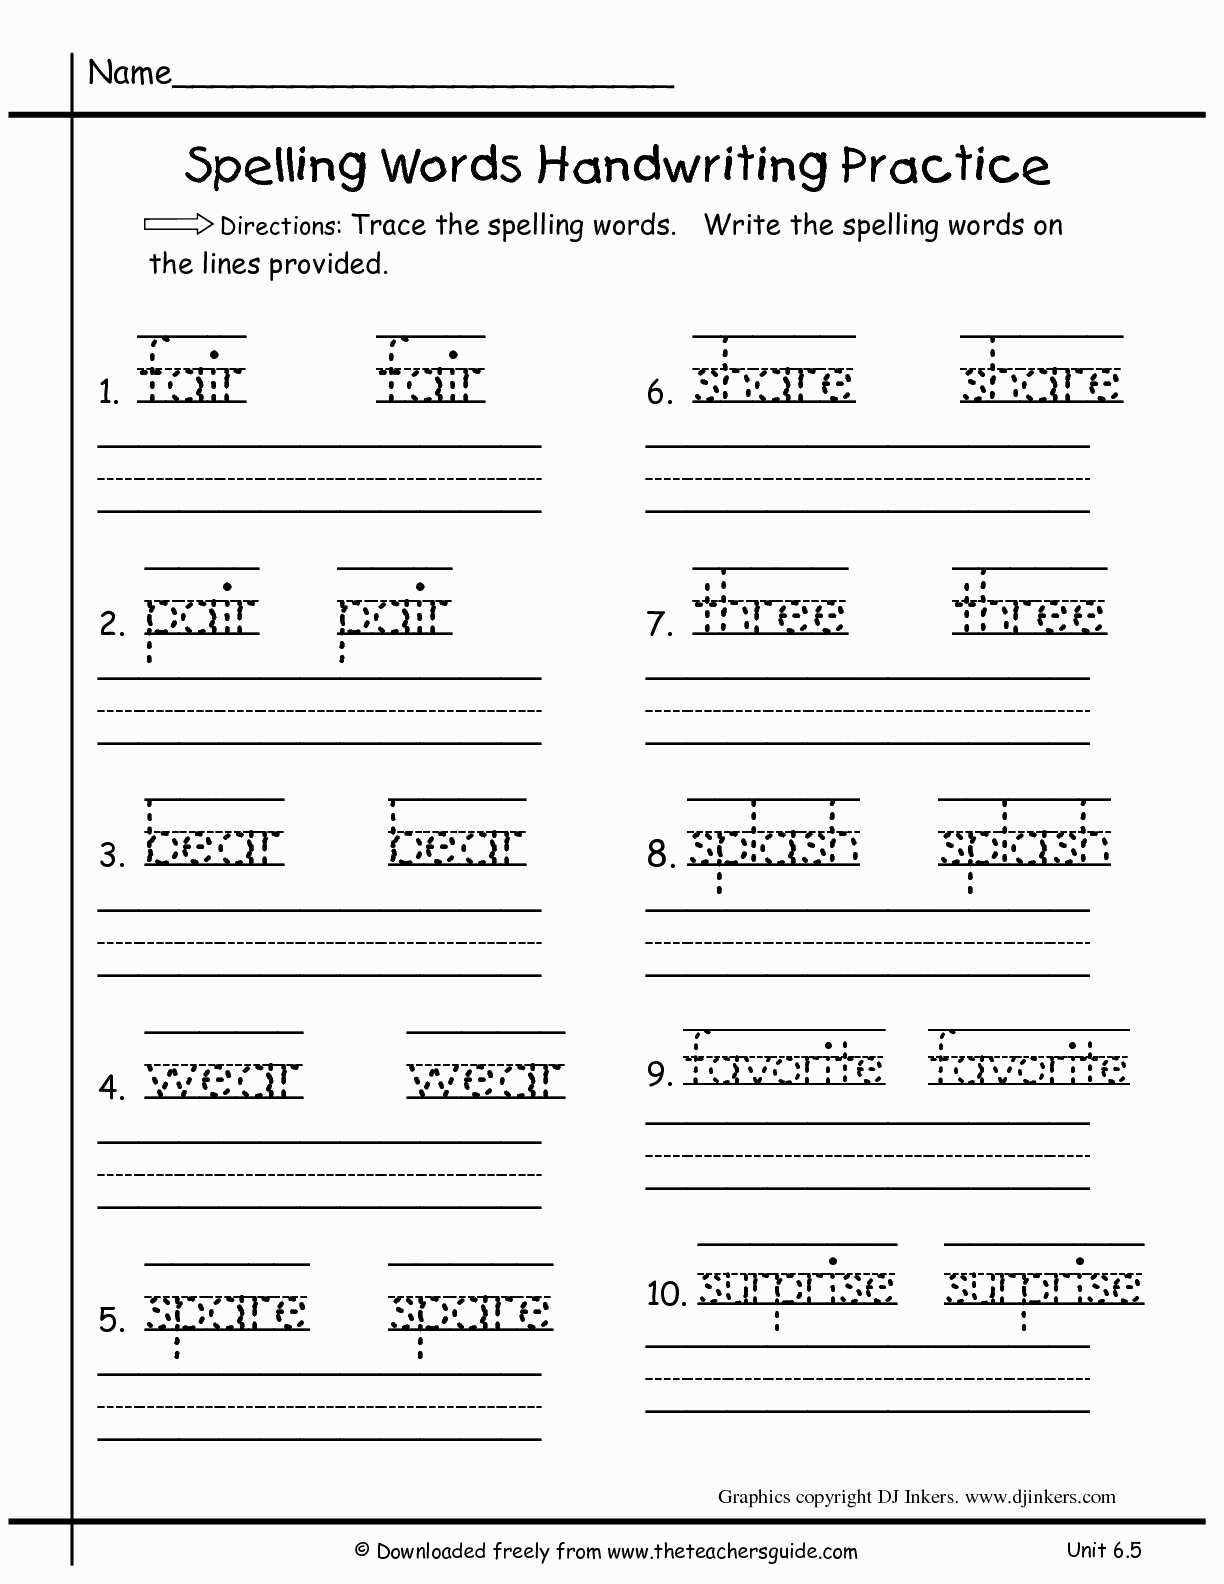 Worksheet : Free Printable Language Arts Worksheets For 1St Grade | Free Printable Language Arts Worksheets For 1St Grade